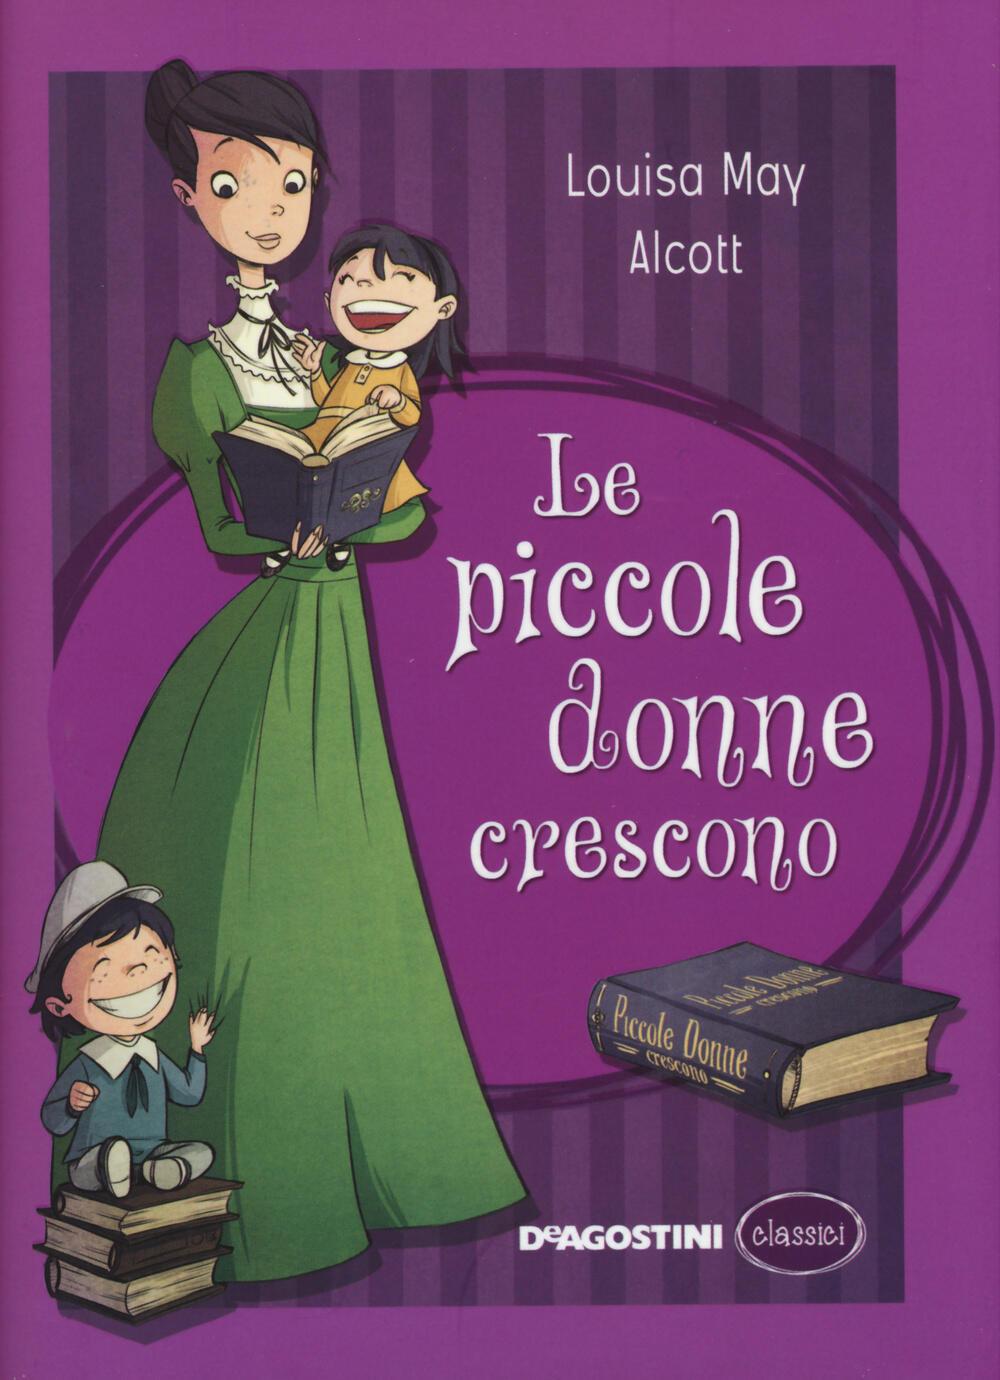 Le piccole donne crescono louisa may alcott libro de agostini classici ibs - Il giardino segreto banana yoshimoto ...